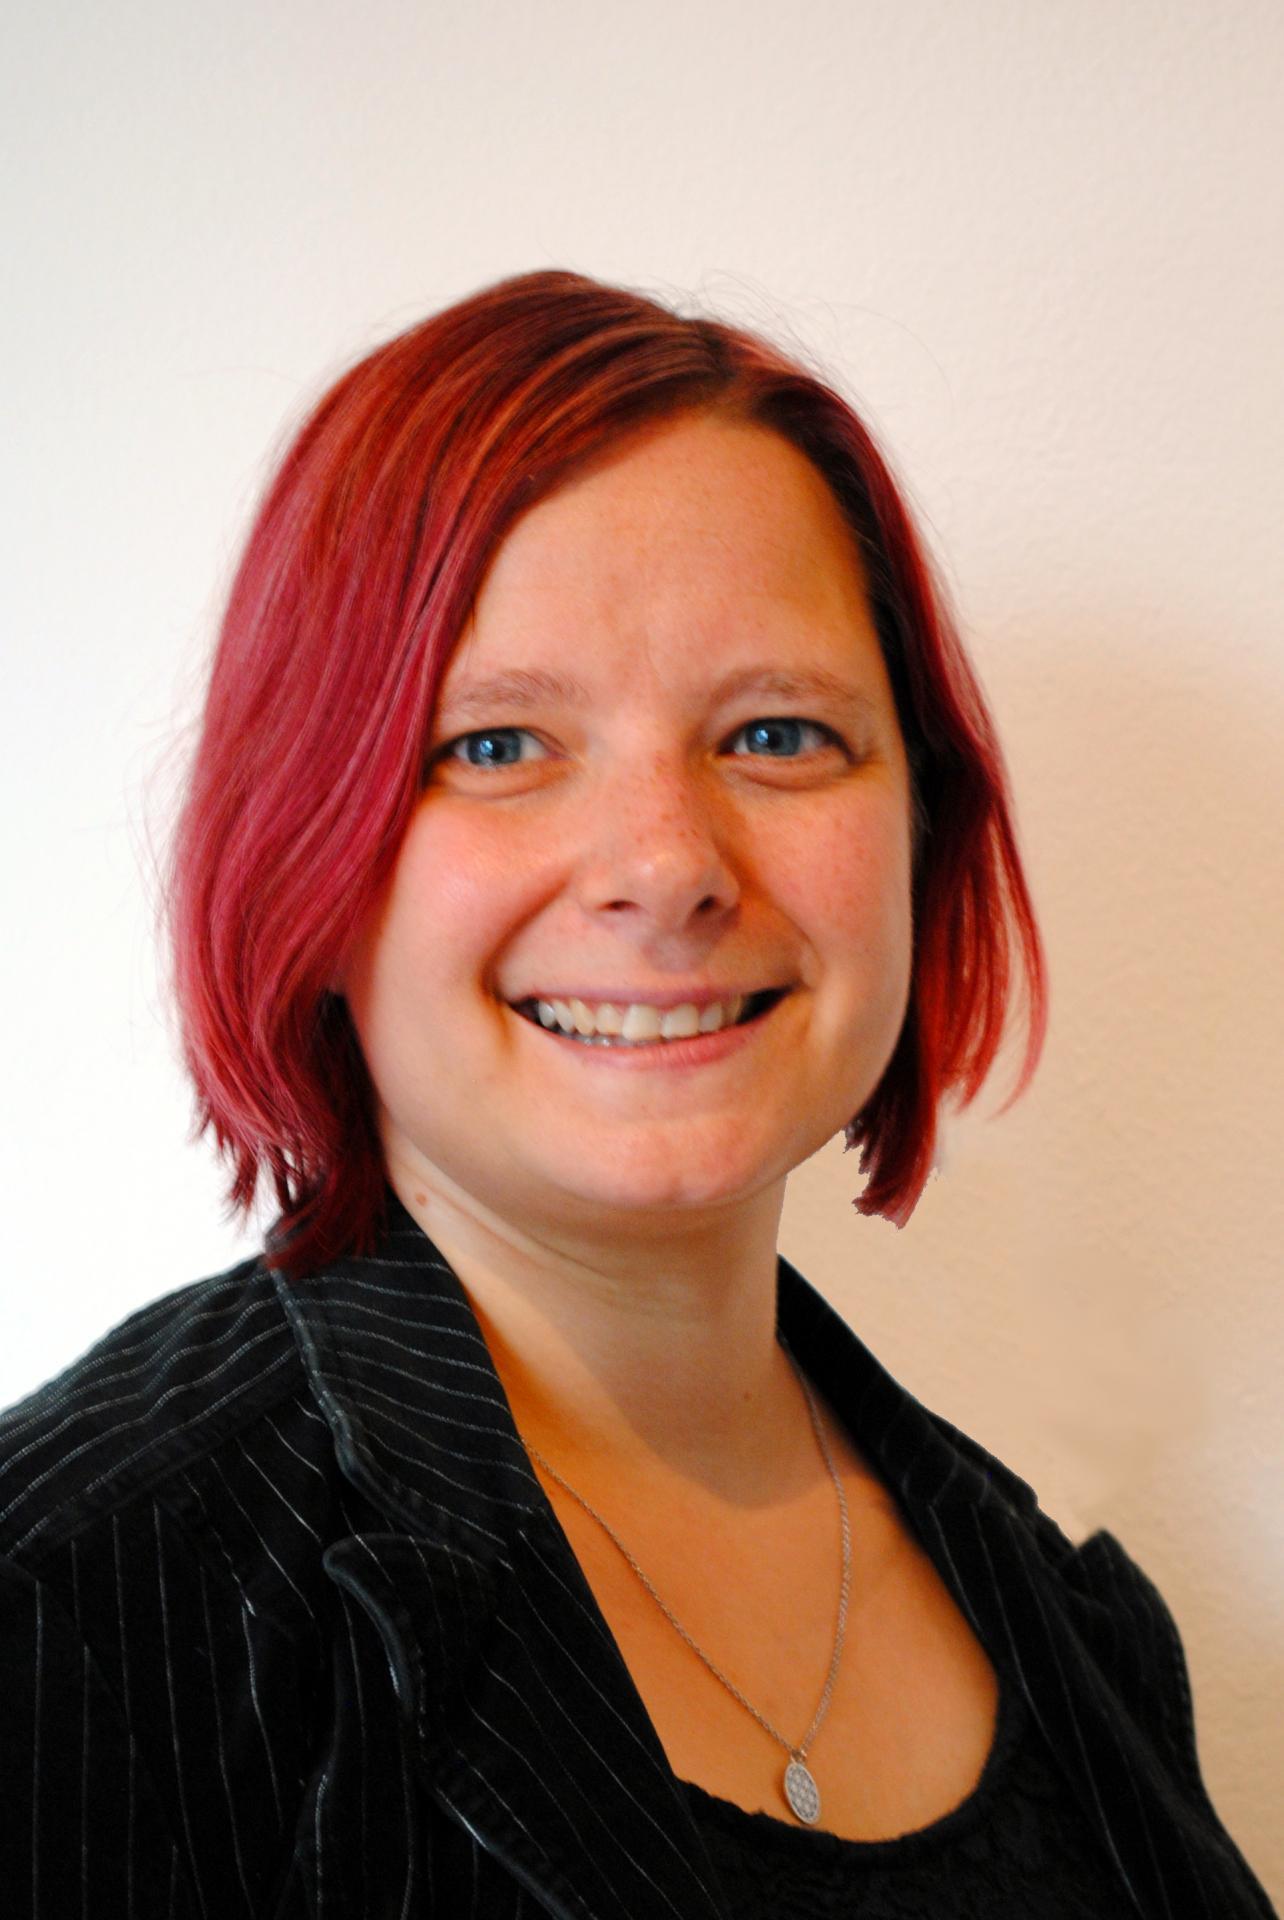 Janina Mäschl